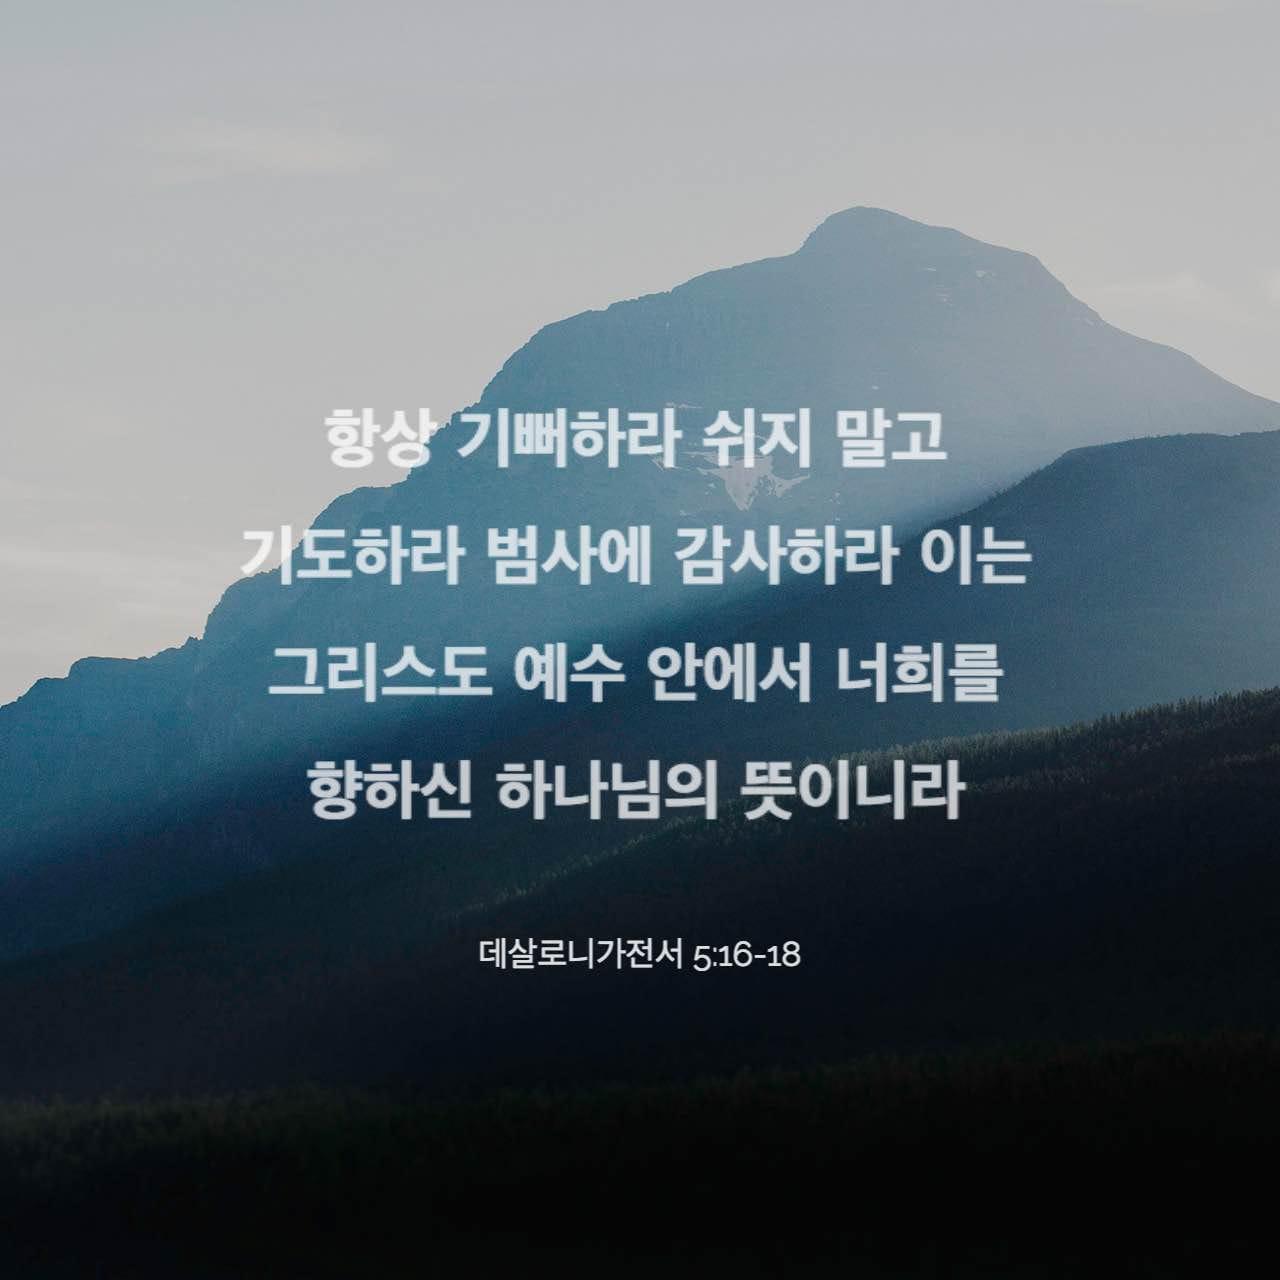 데살로니가 전서 5:17 이미지